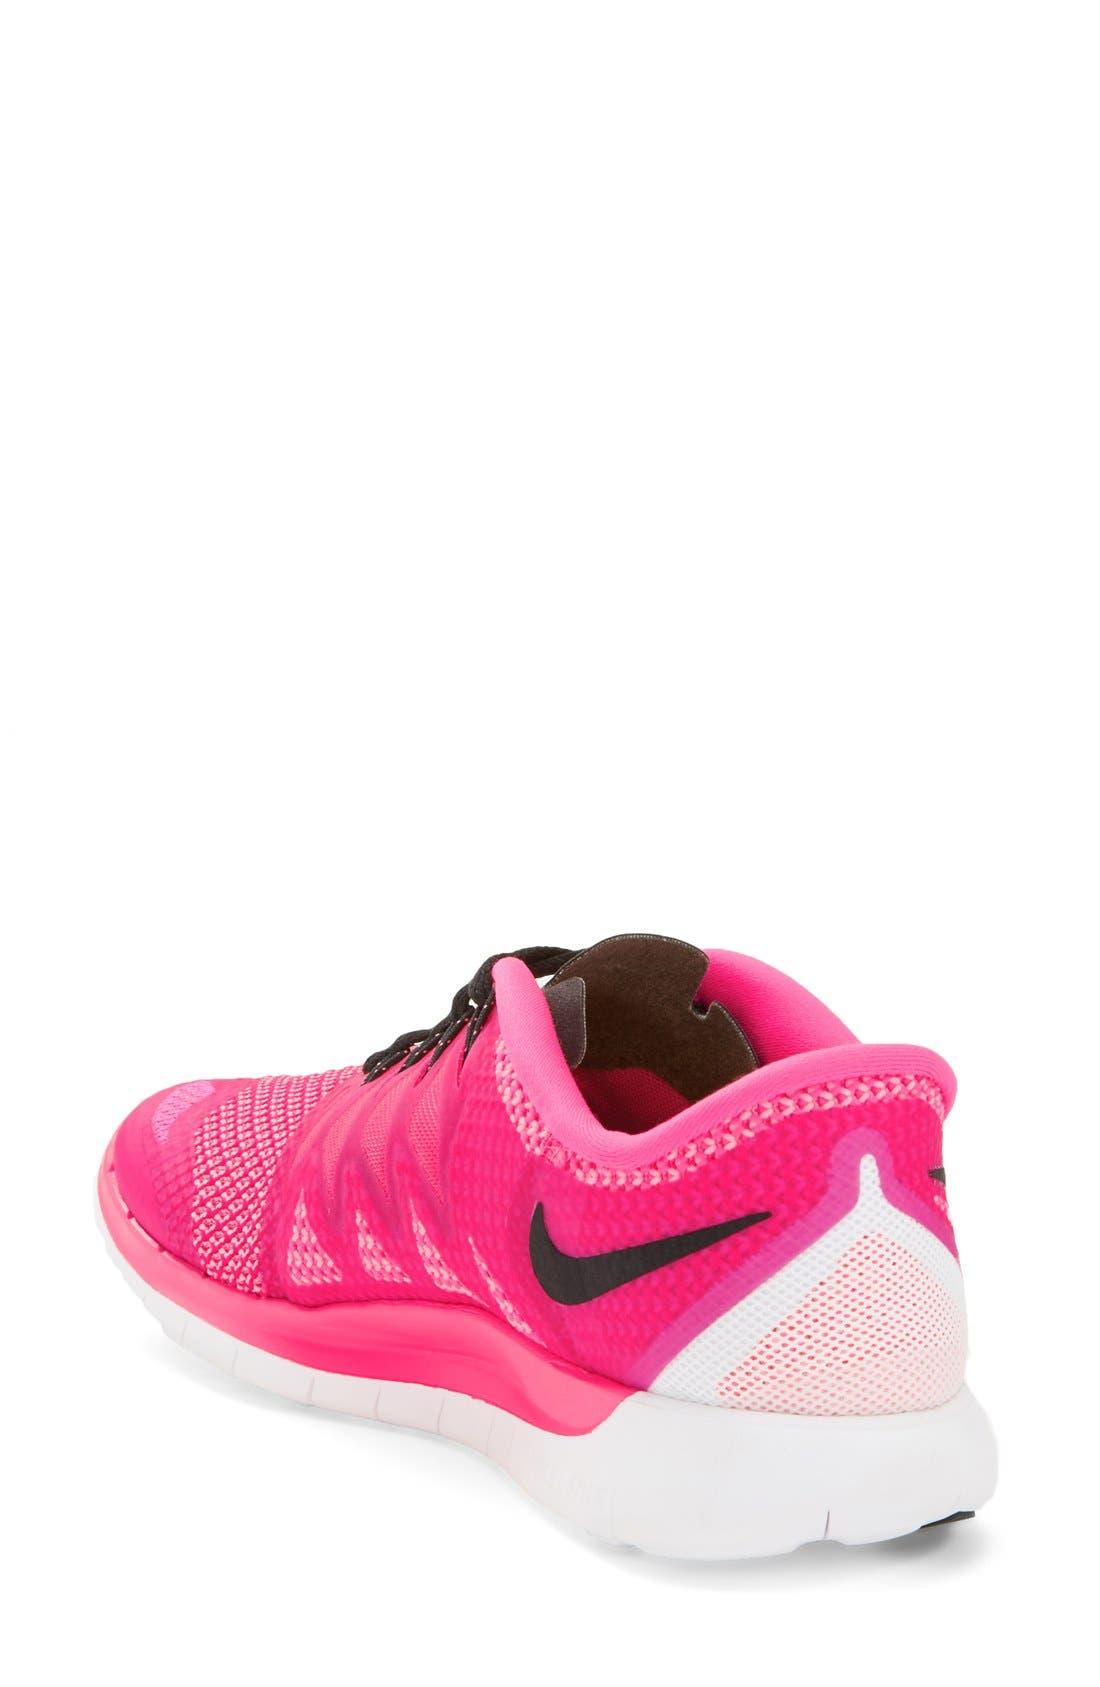 Alternate Image 2  - Nike 'Free 5.0 14' Running Shoe (Women)